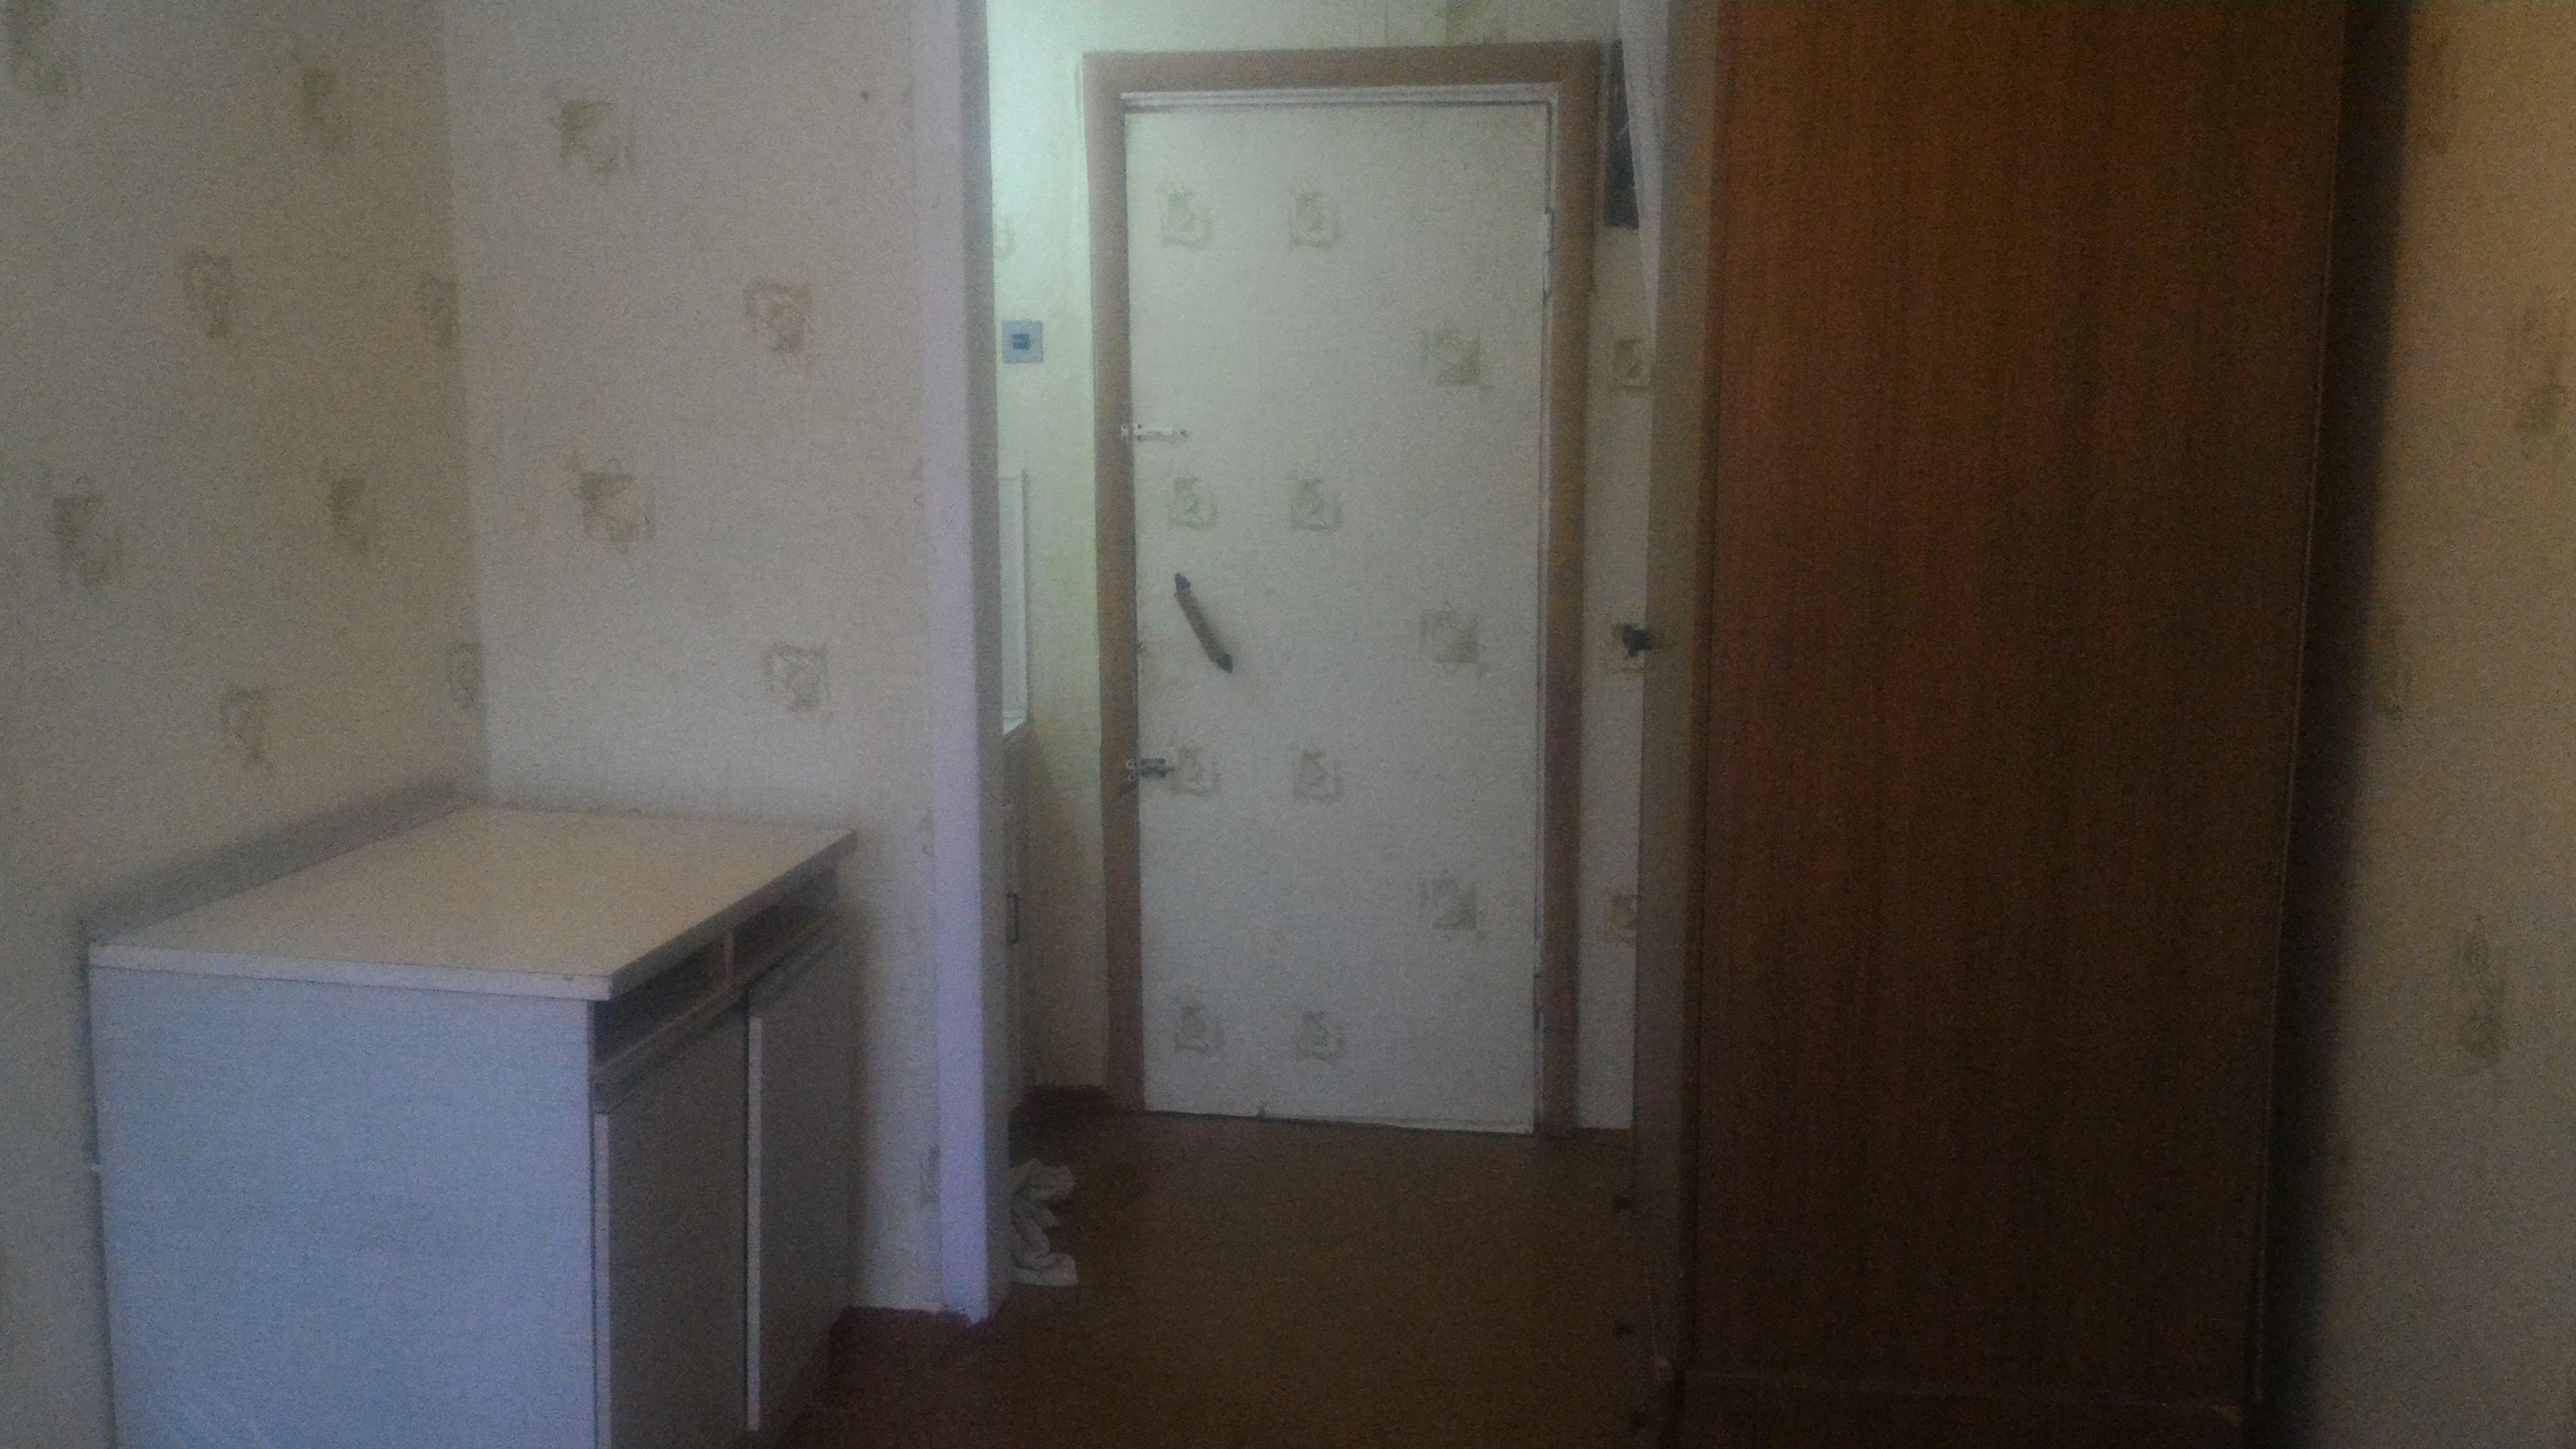 Комната в коммунальной квартире - ул. Ю.Гагарина, д. 13